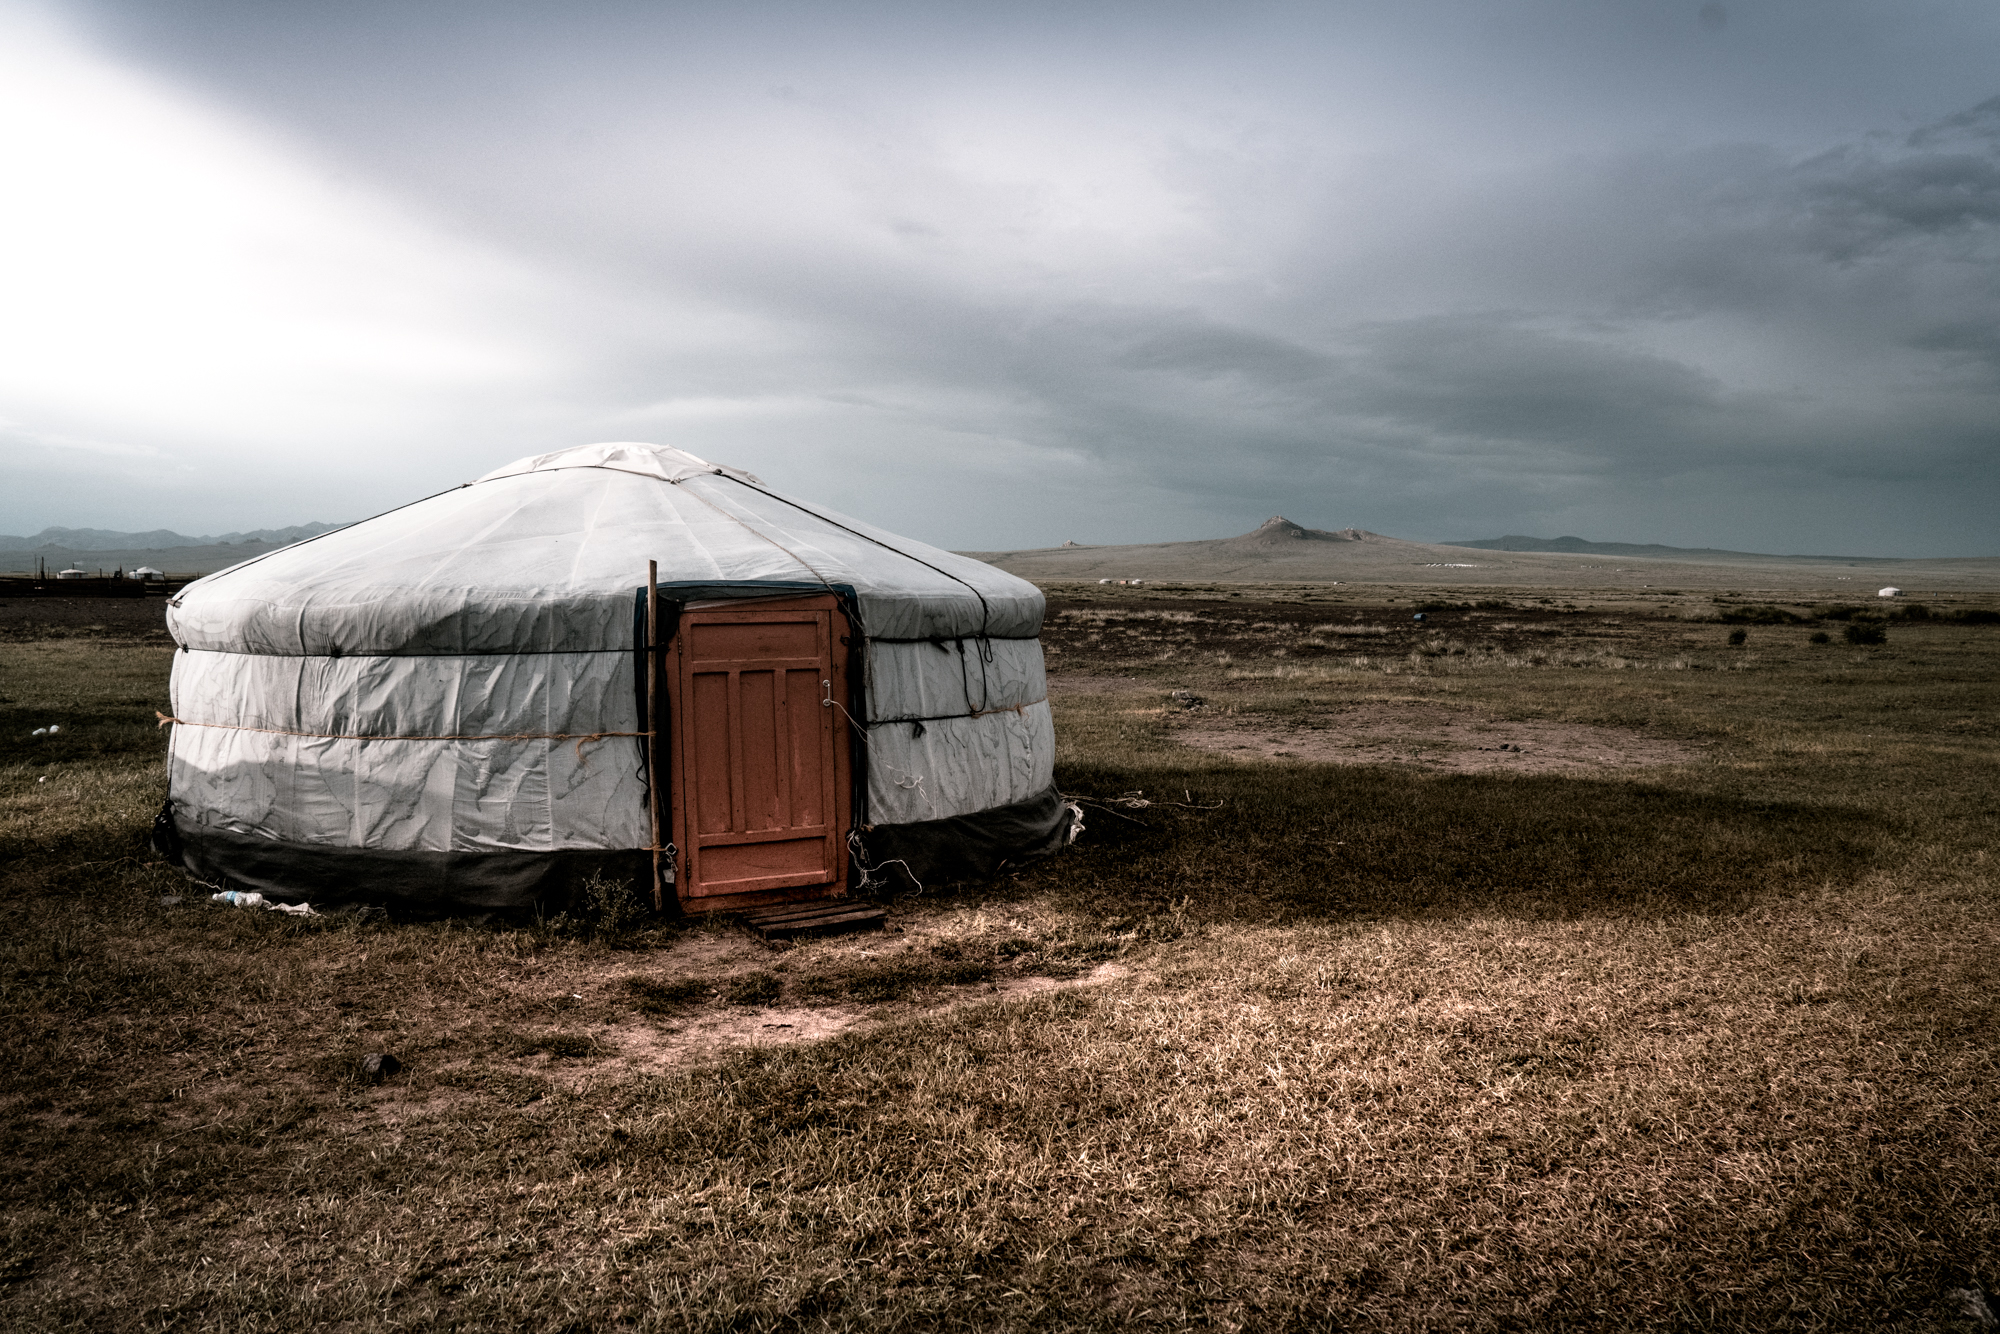 Mongolia 2000Mongolia 2016-01803.jpg